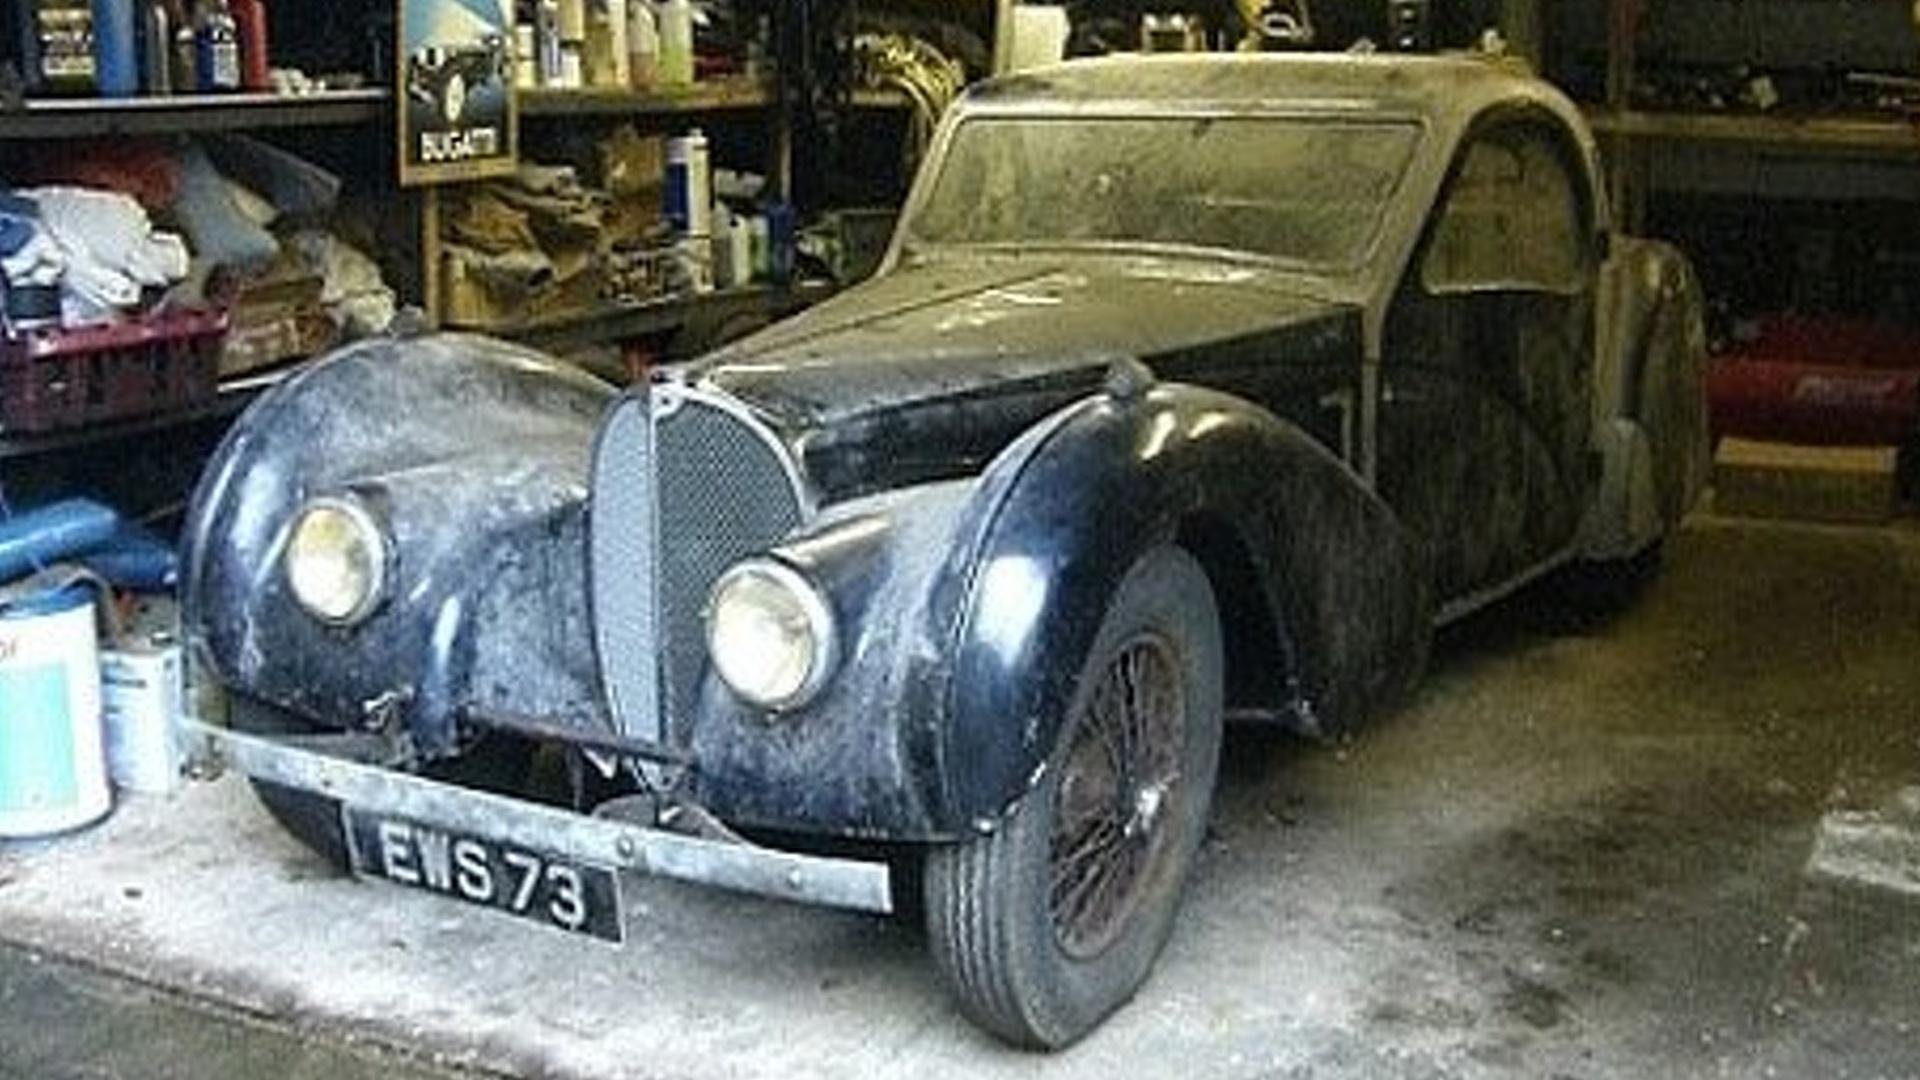 Rare 1937 Bugatti Type 57S Atalante Found in Garage